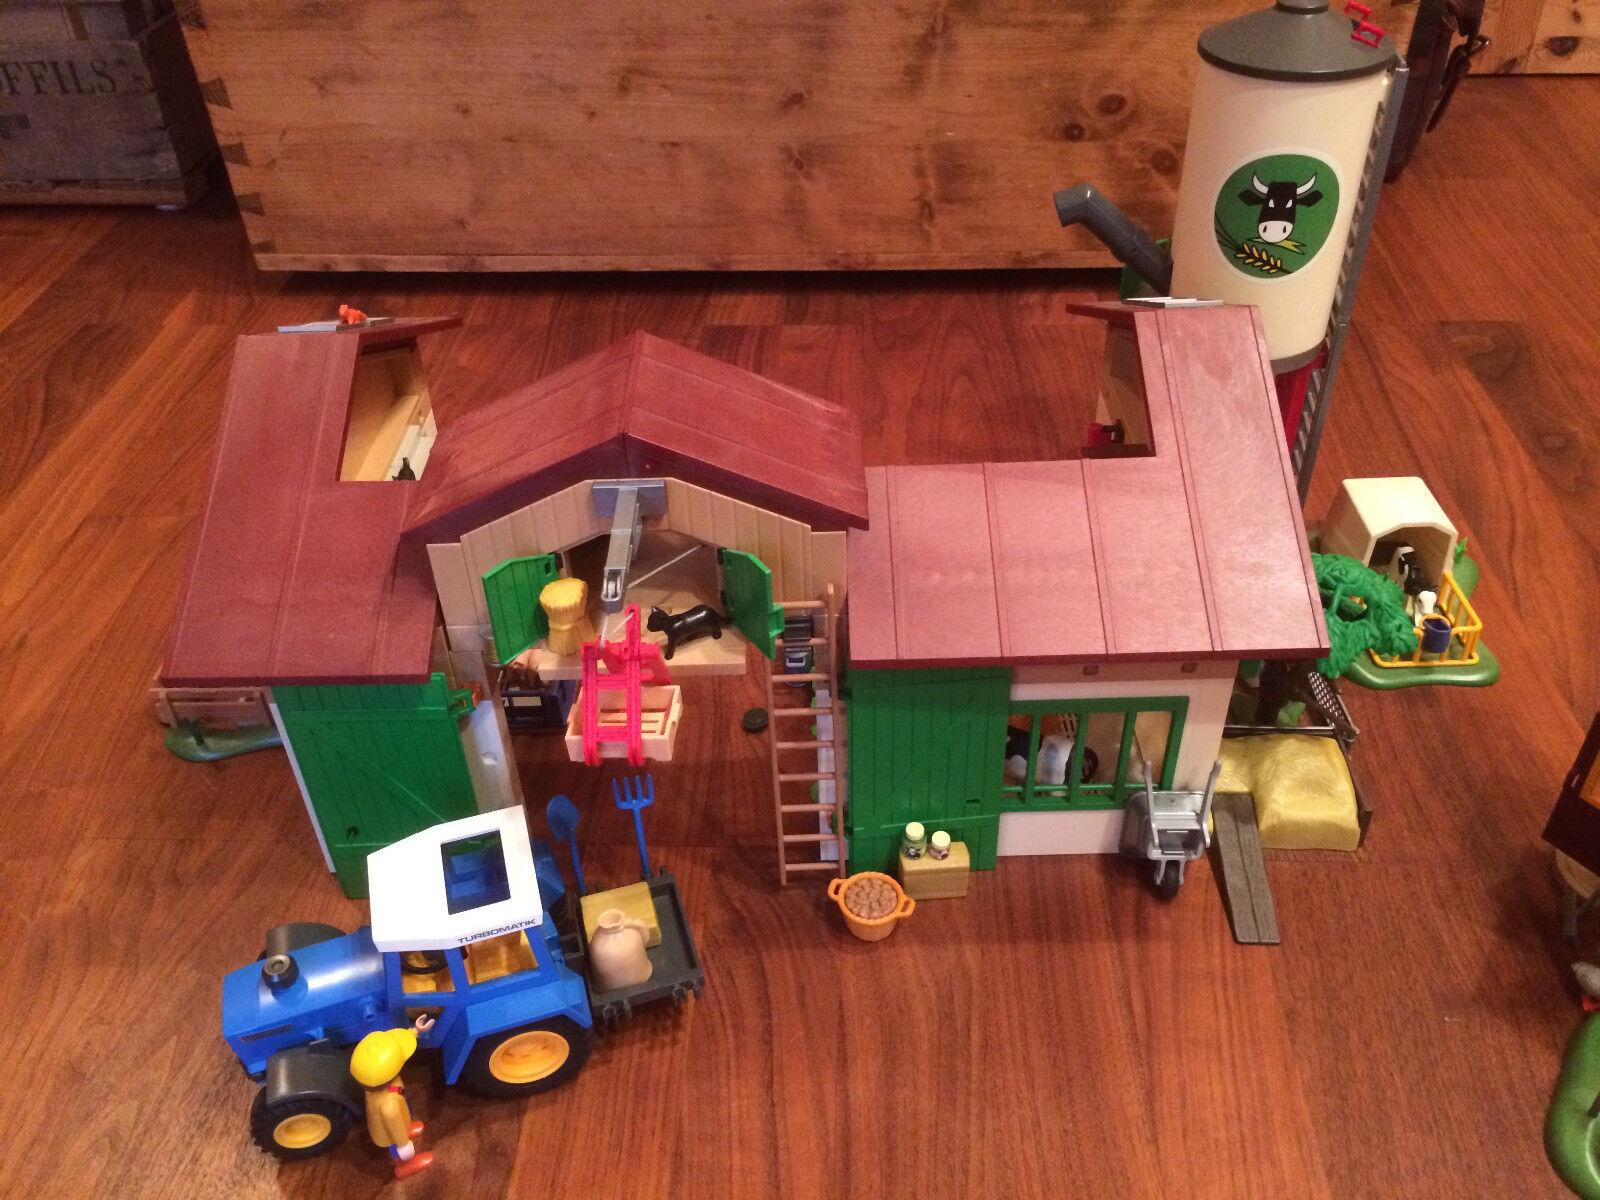 Playmobil Bauernhof Set 5119 + 5122 Fleckschweine + 5124 5124 5124 Kälbchen + Traktor etc. 20b489